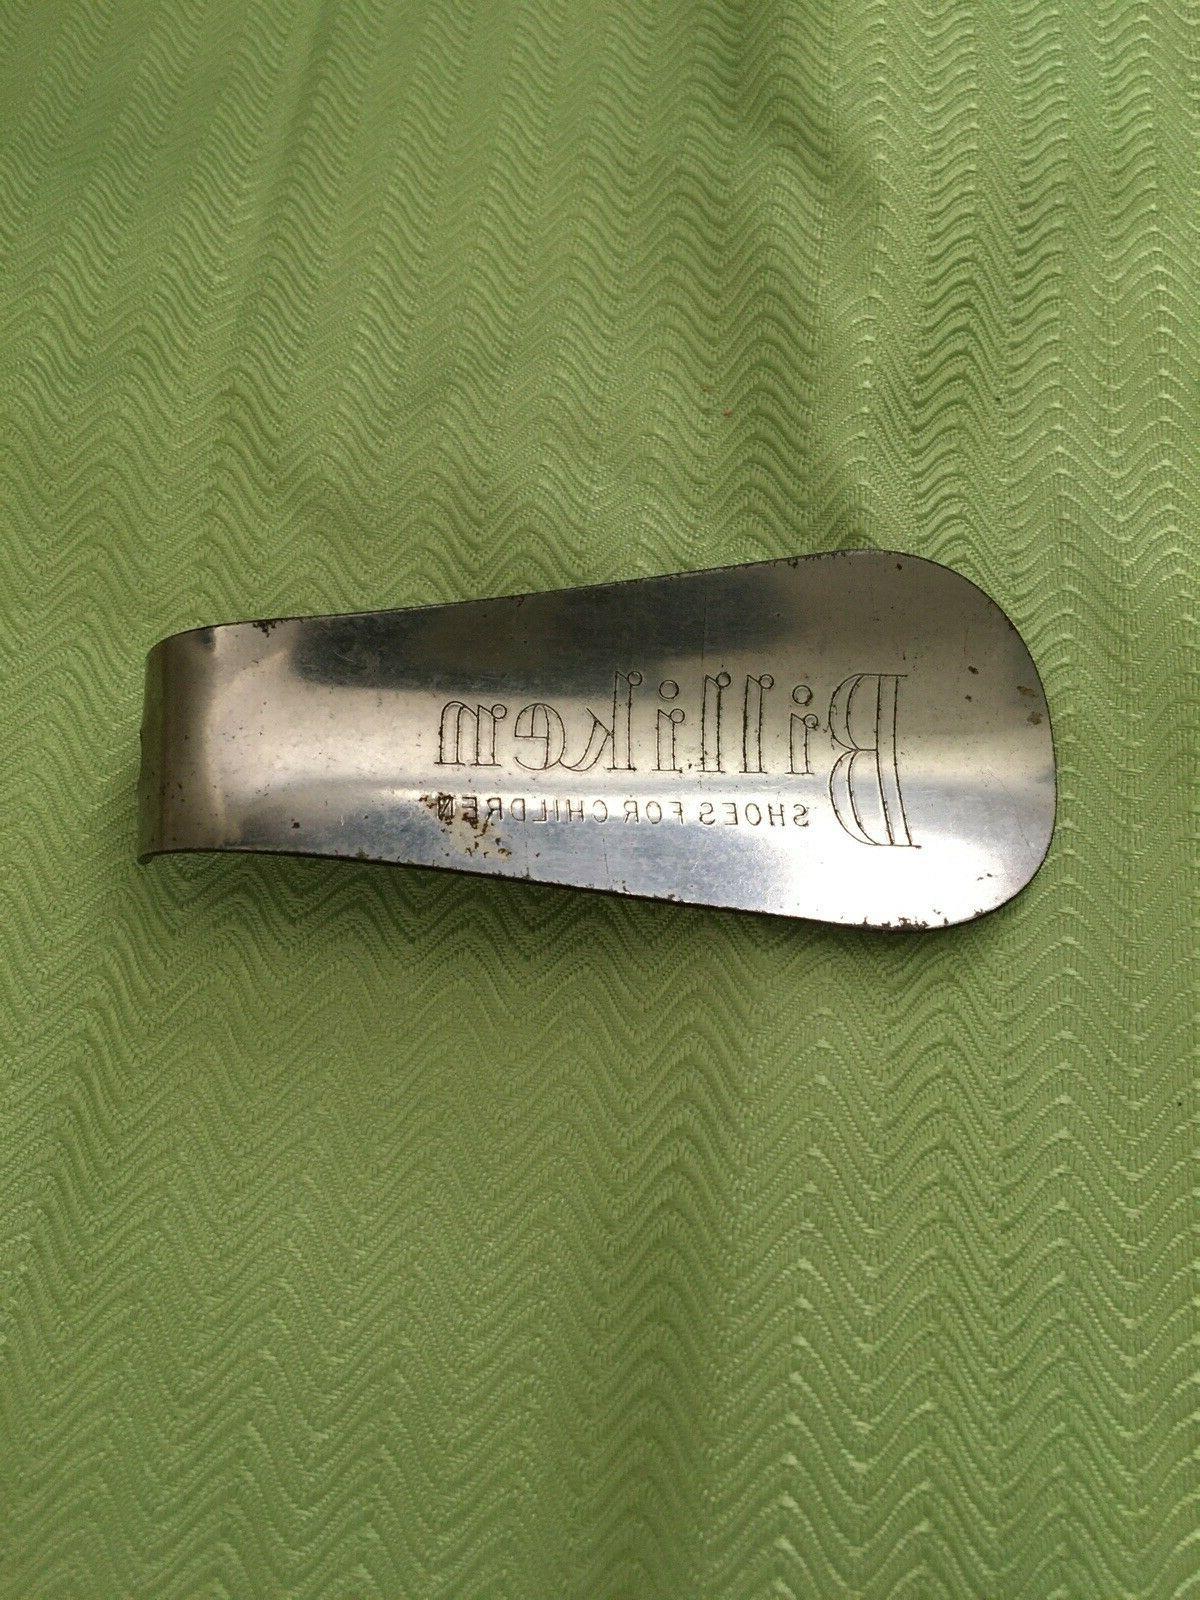 Allen Marble Hand Spoon Shoe Horn soldie